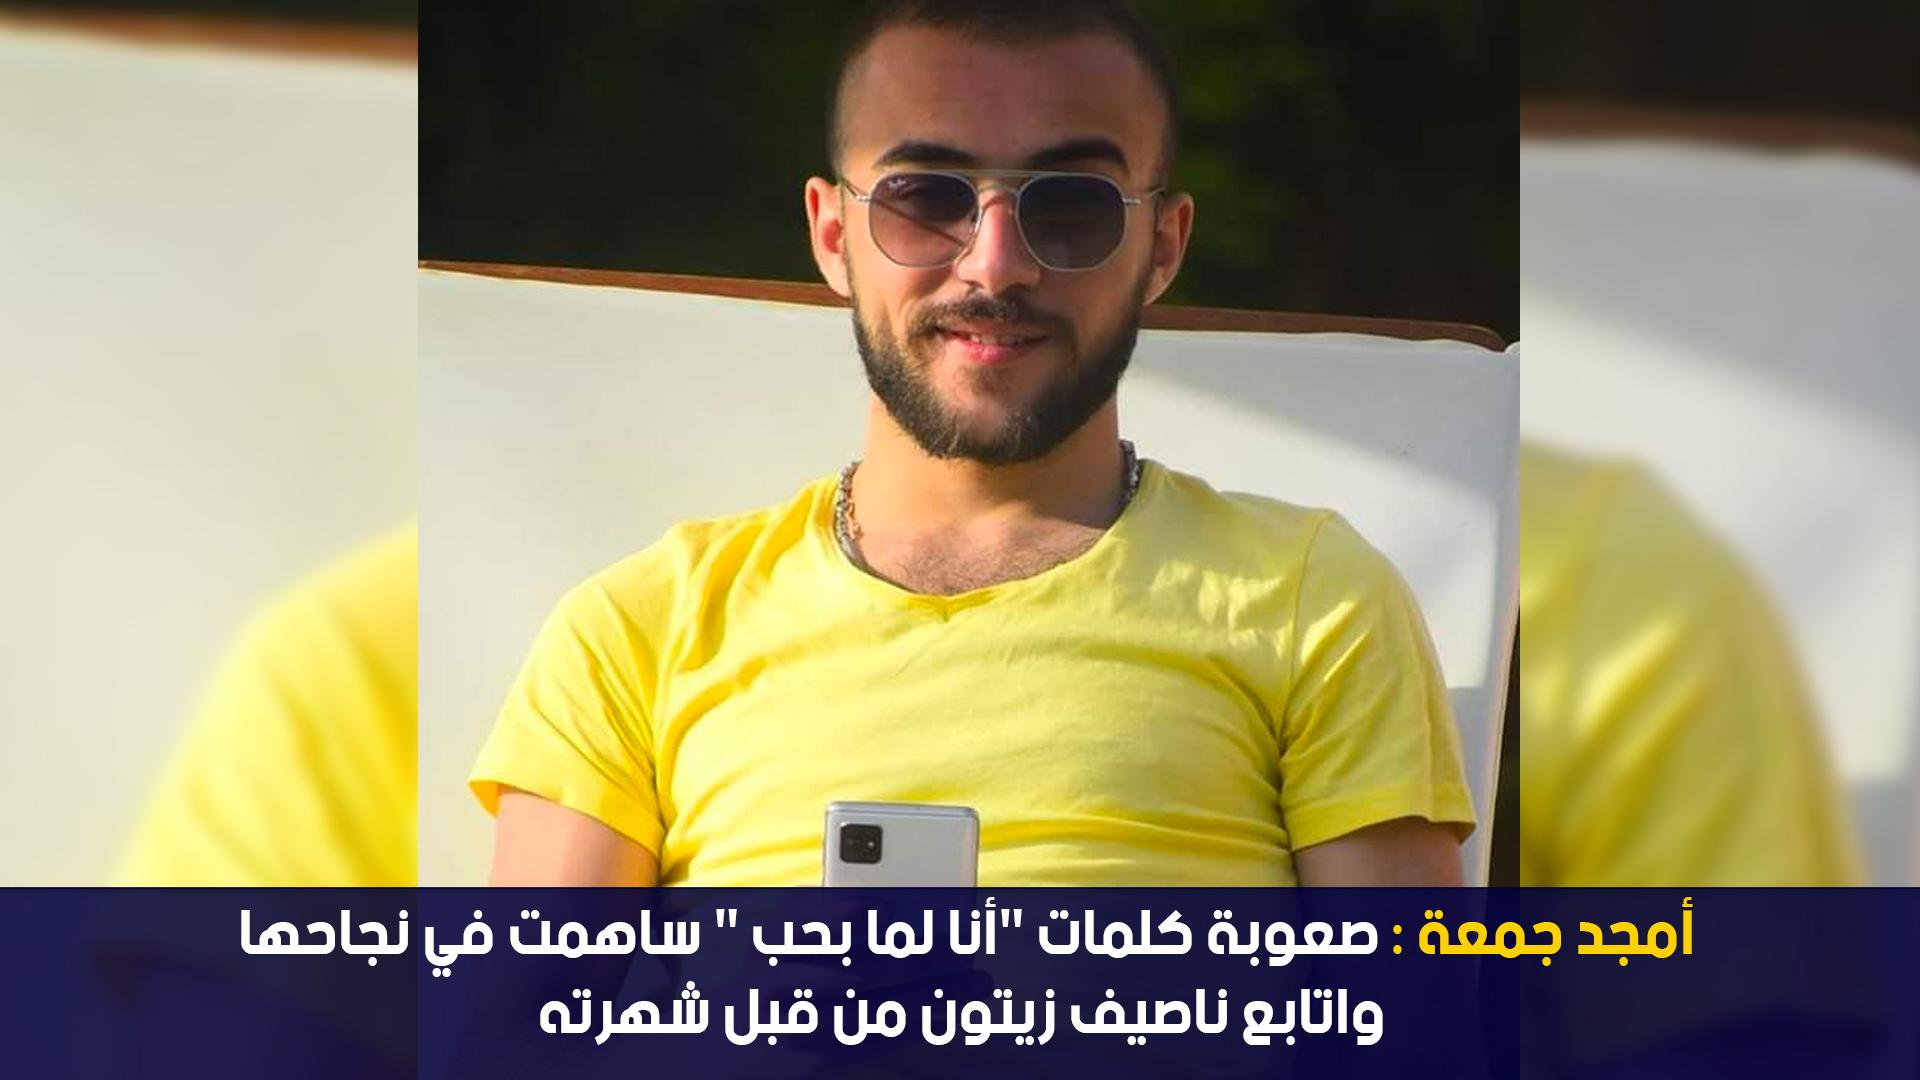 """أمجد جمعة :صعوبة كلمات """"أنا لما بحب"""" ساهمت في نجاحها واتابع ناصيف زيتون من قبل شهرته"""